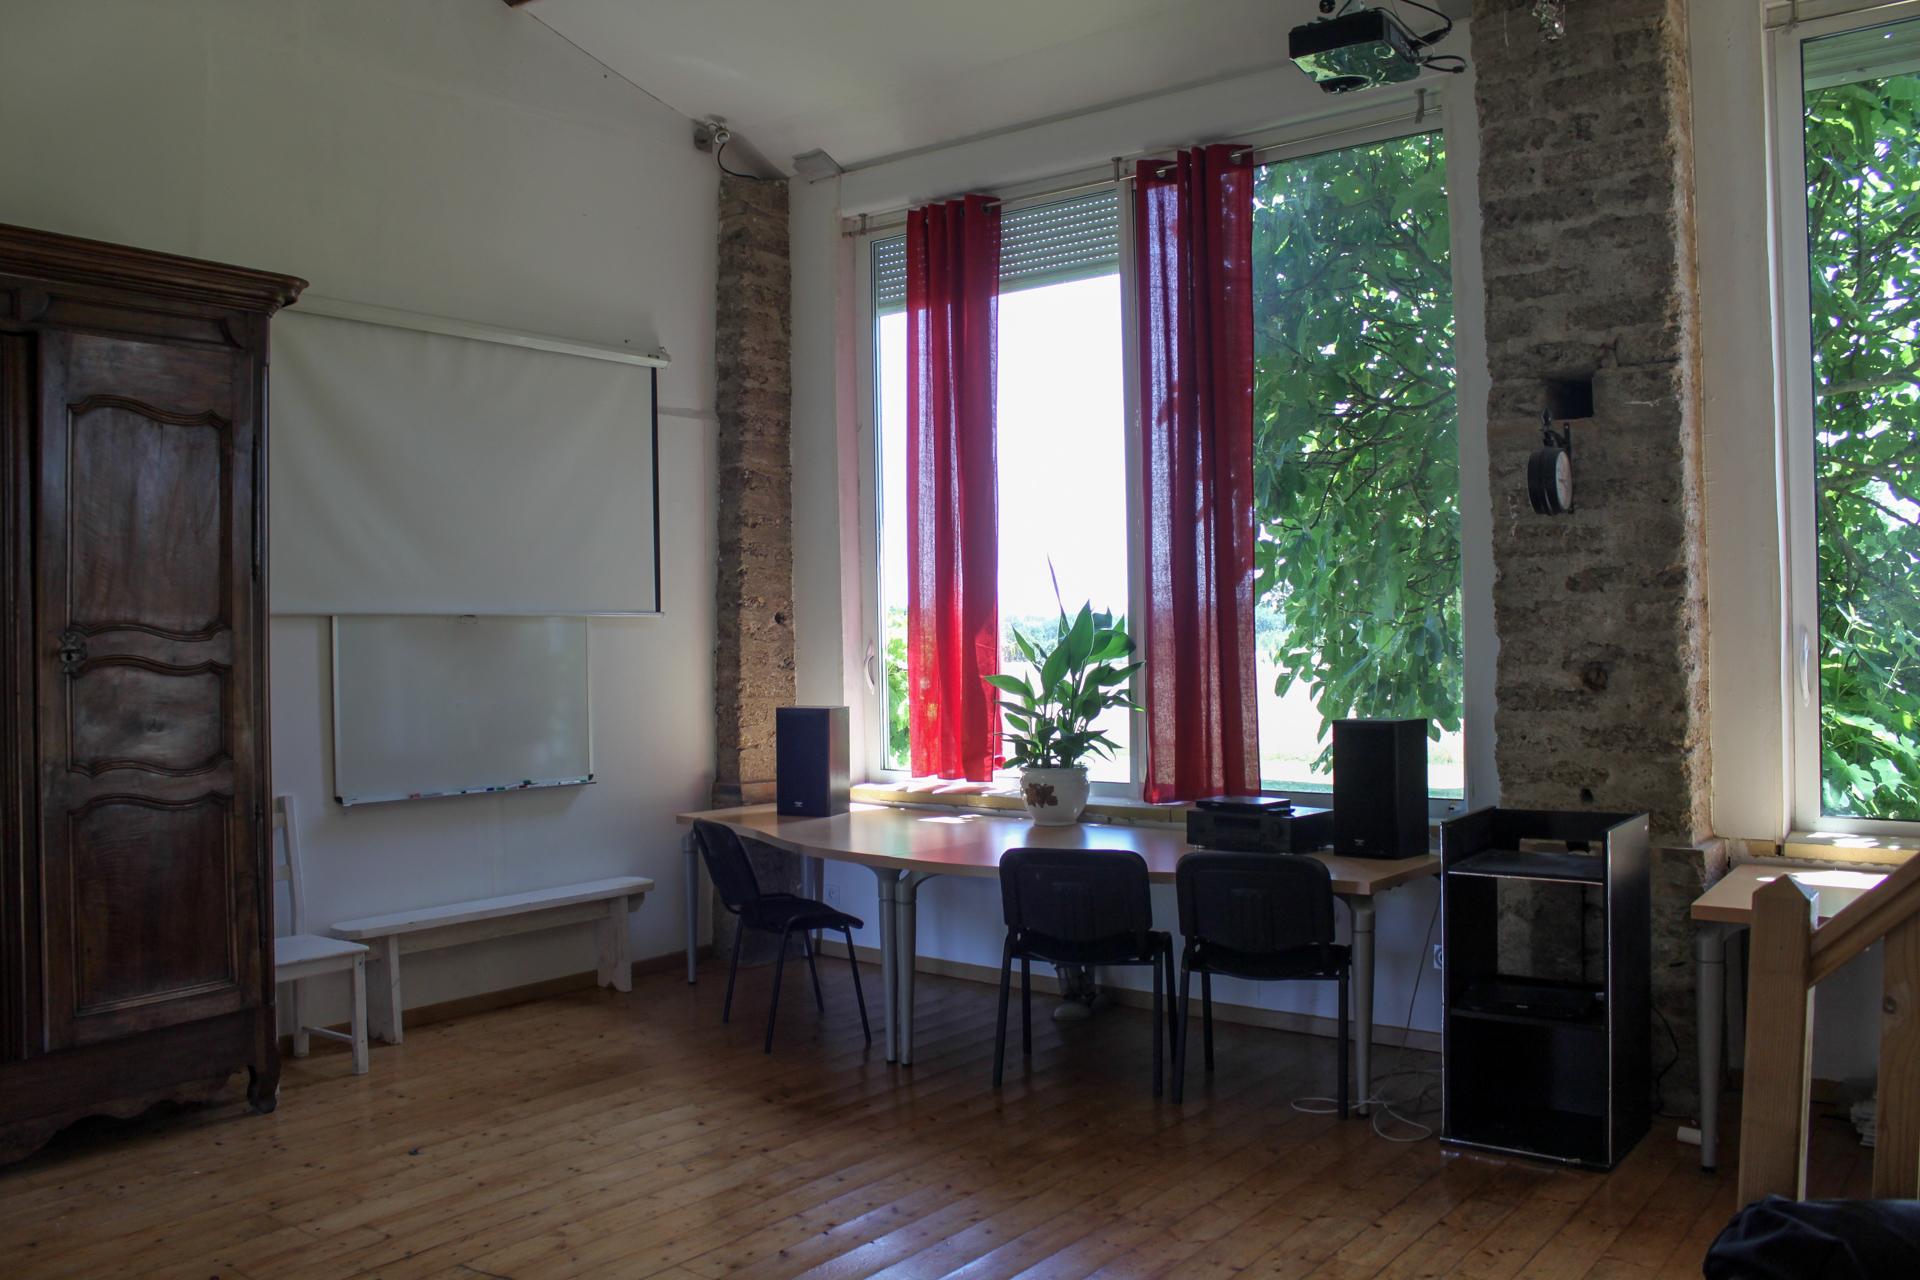 Ombrassa vaste salon pour séminaire professionnel